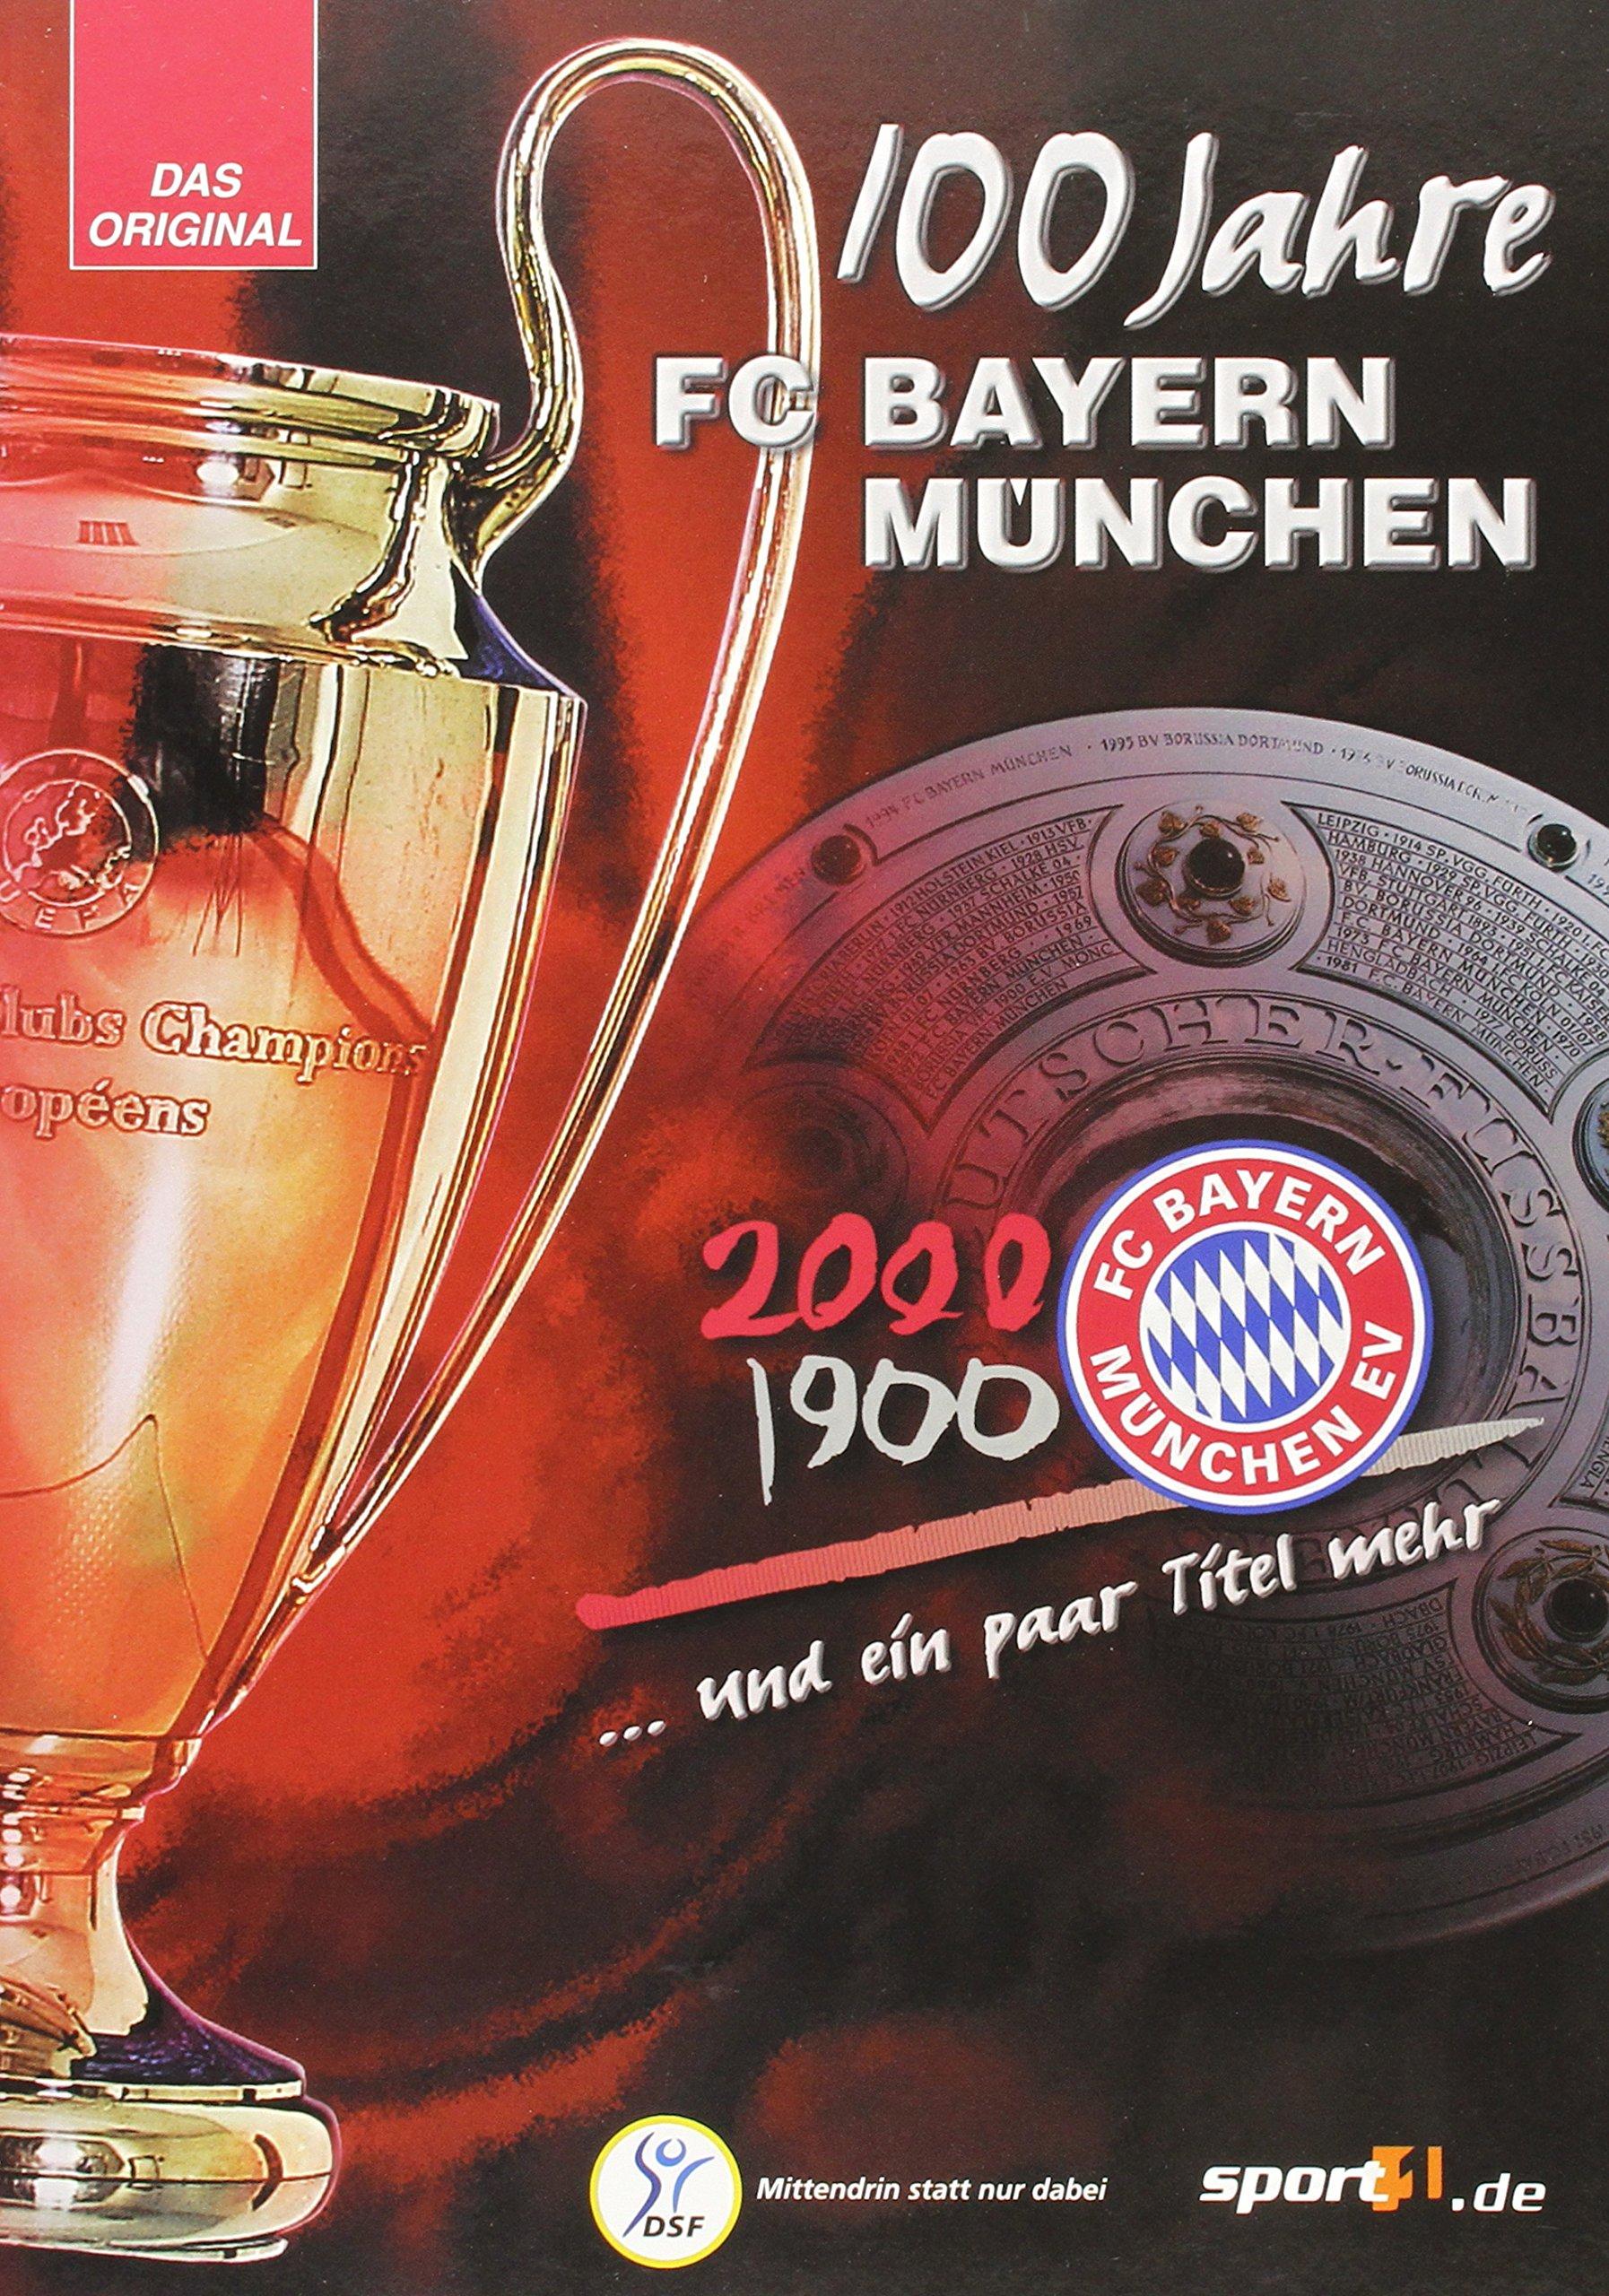 100 Jahre Fc Bayern München Und Ein Paar Titel Mehr Amazonde